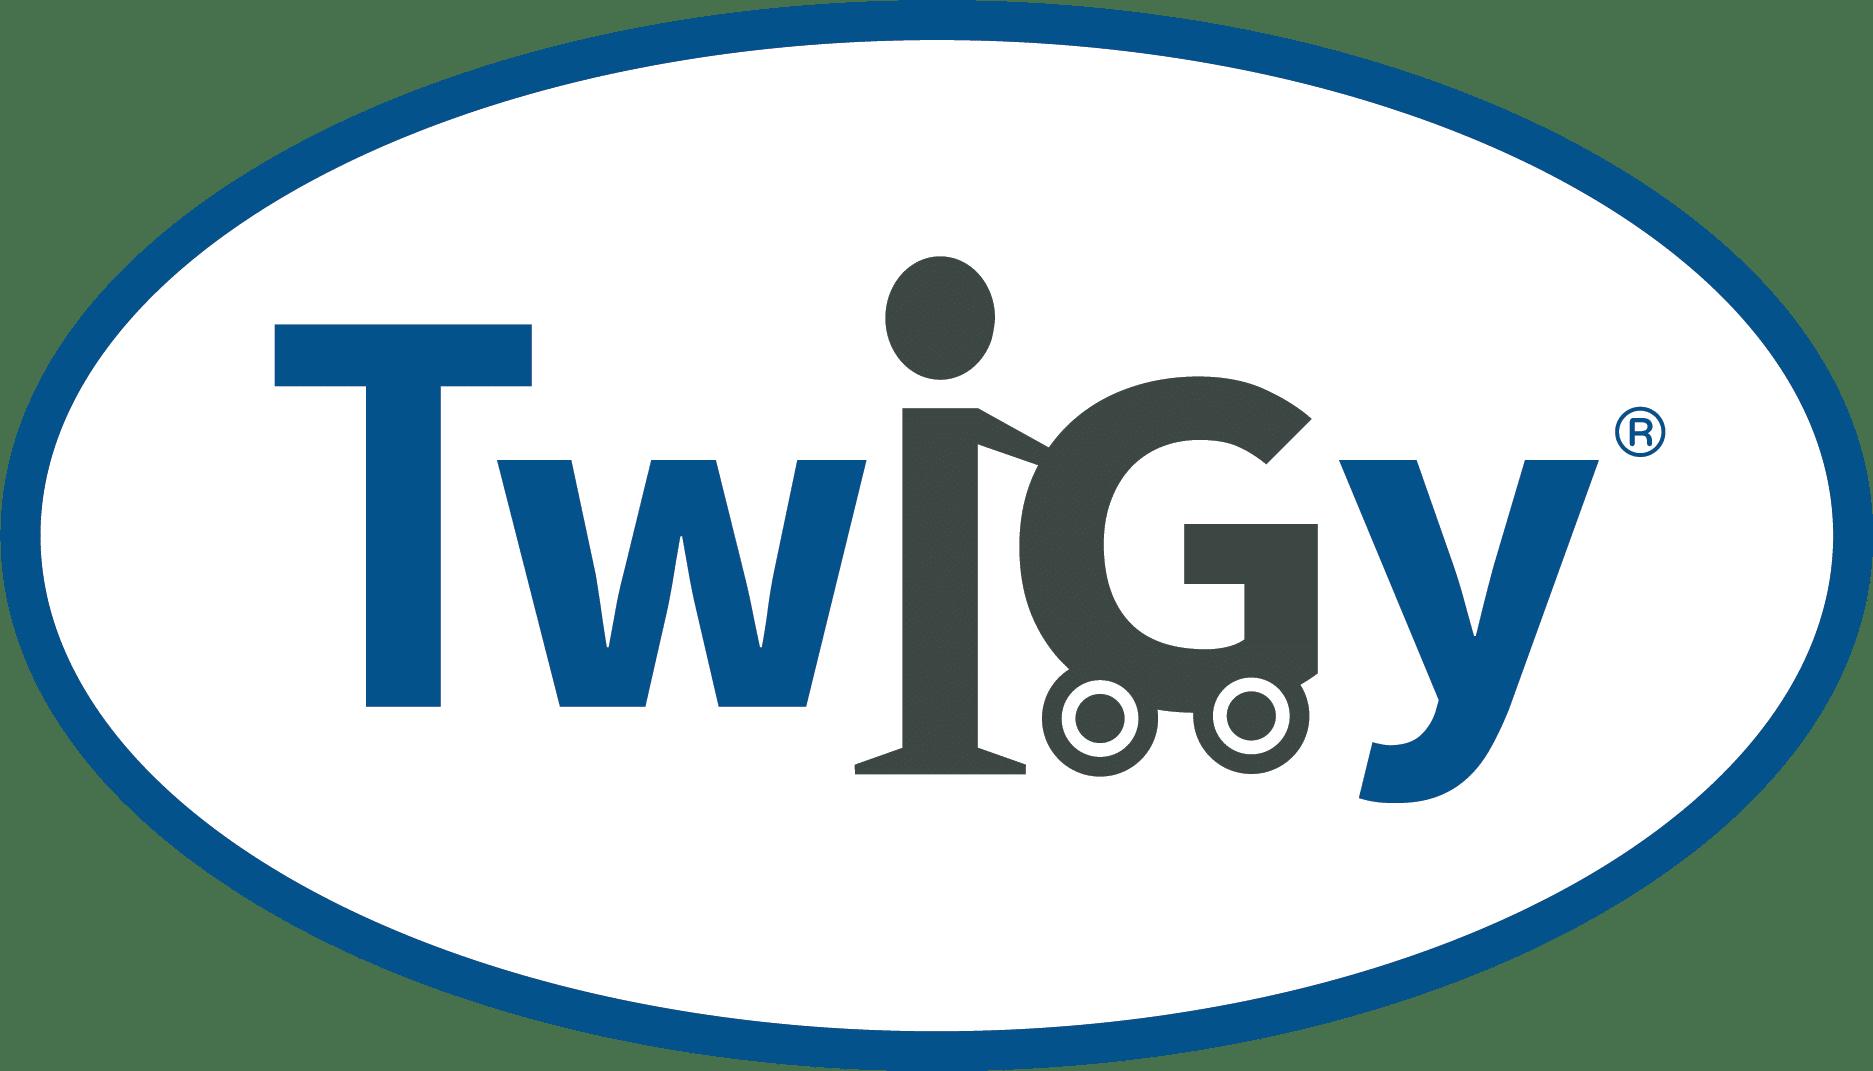 Twigy - מוצרי תינוקות איכותיים